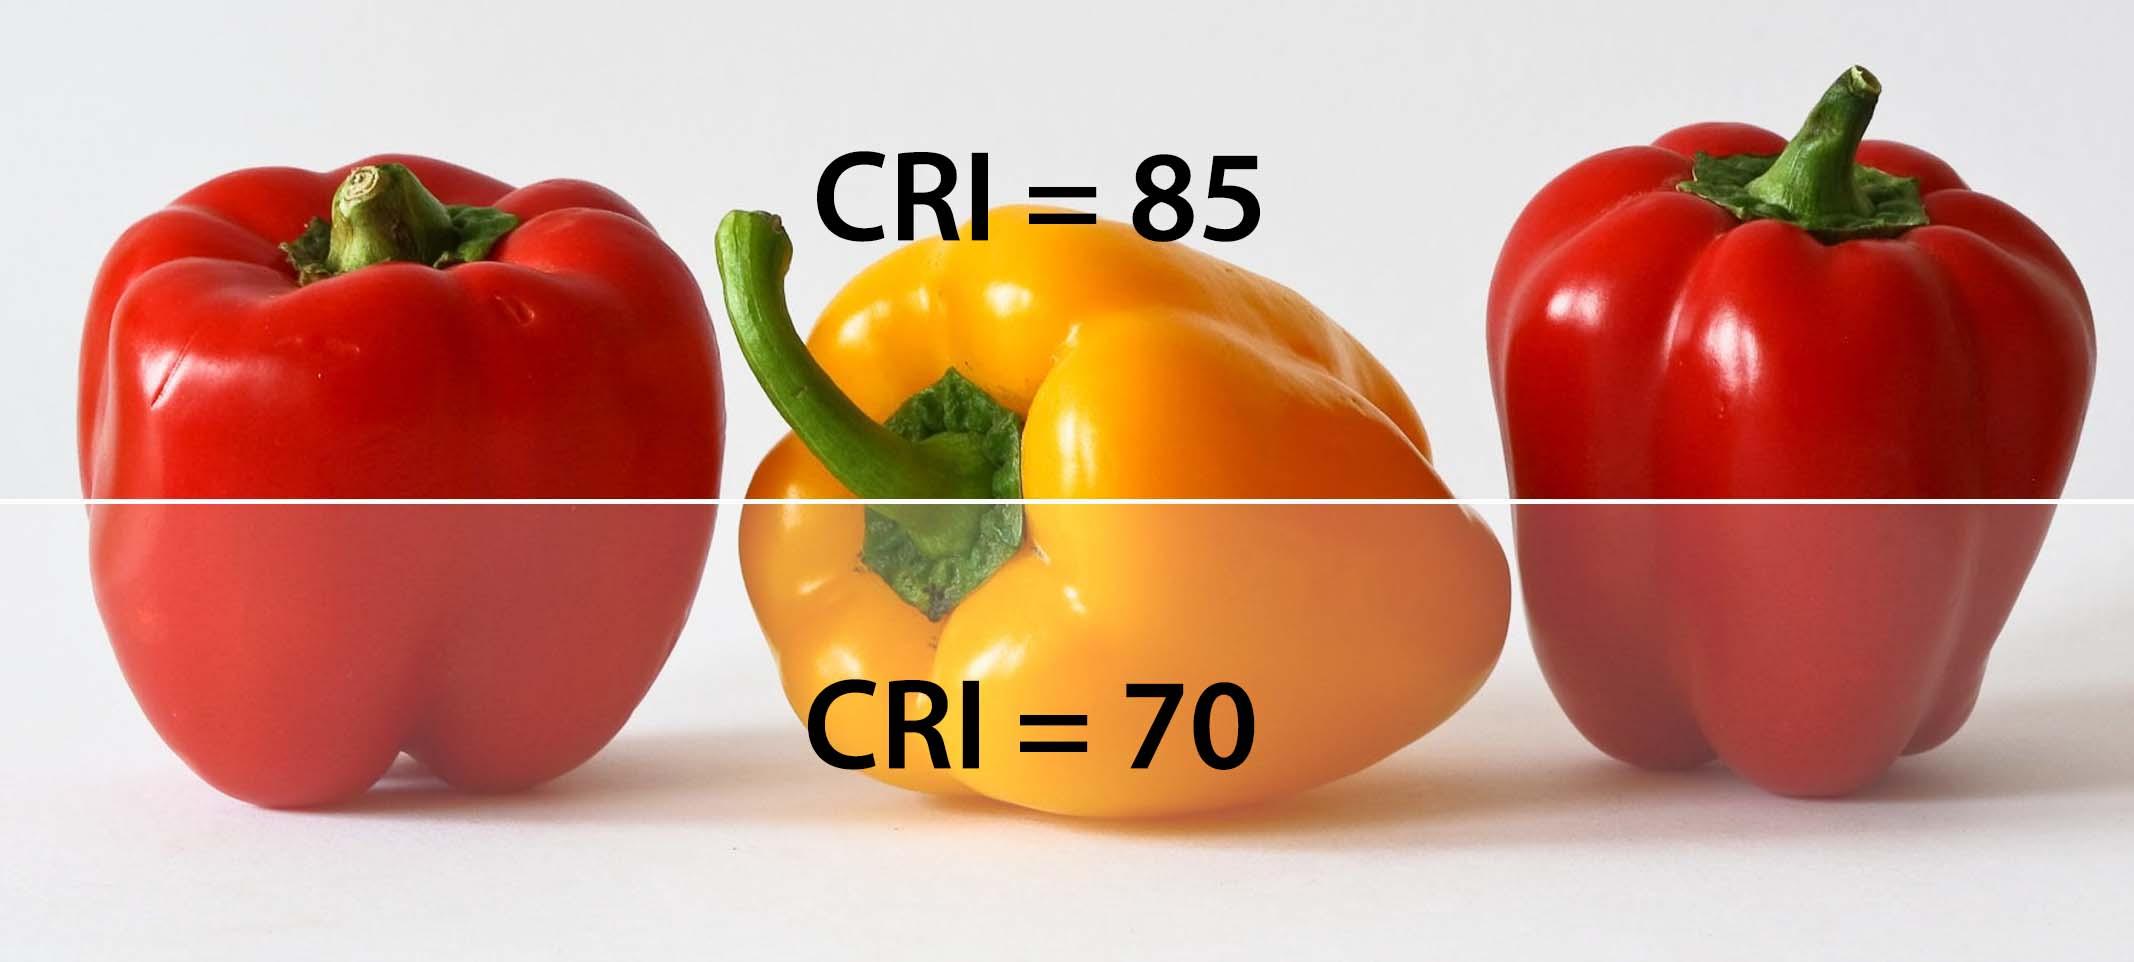 CRI là gì? Tầm quan trọng của chỉ số CRI